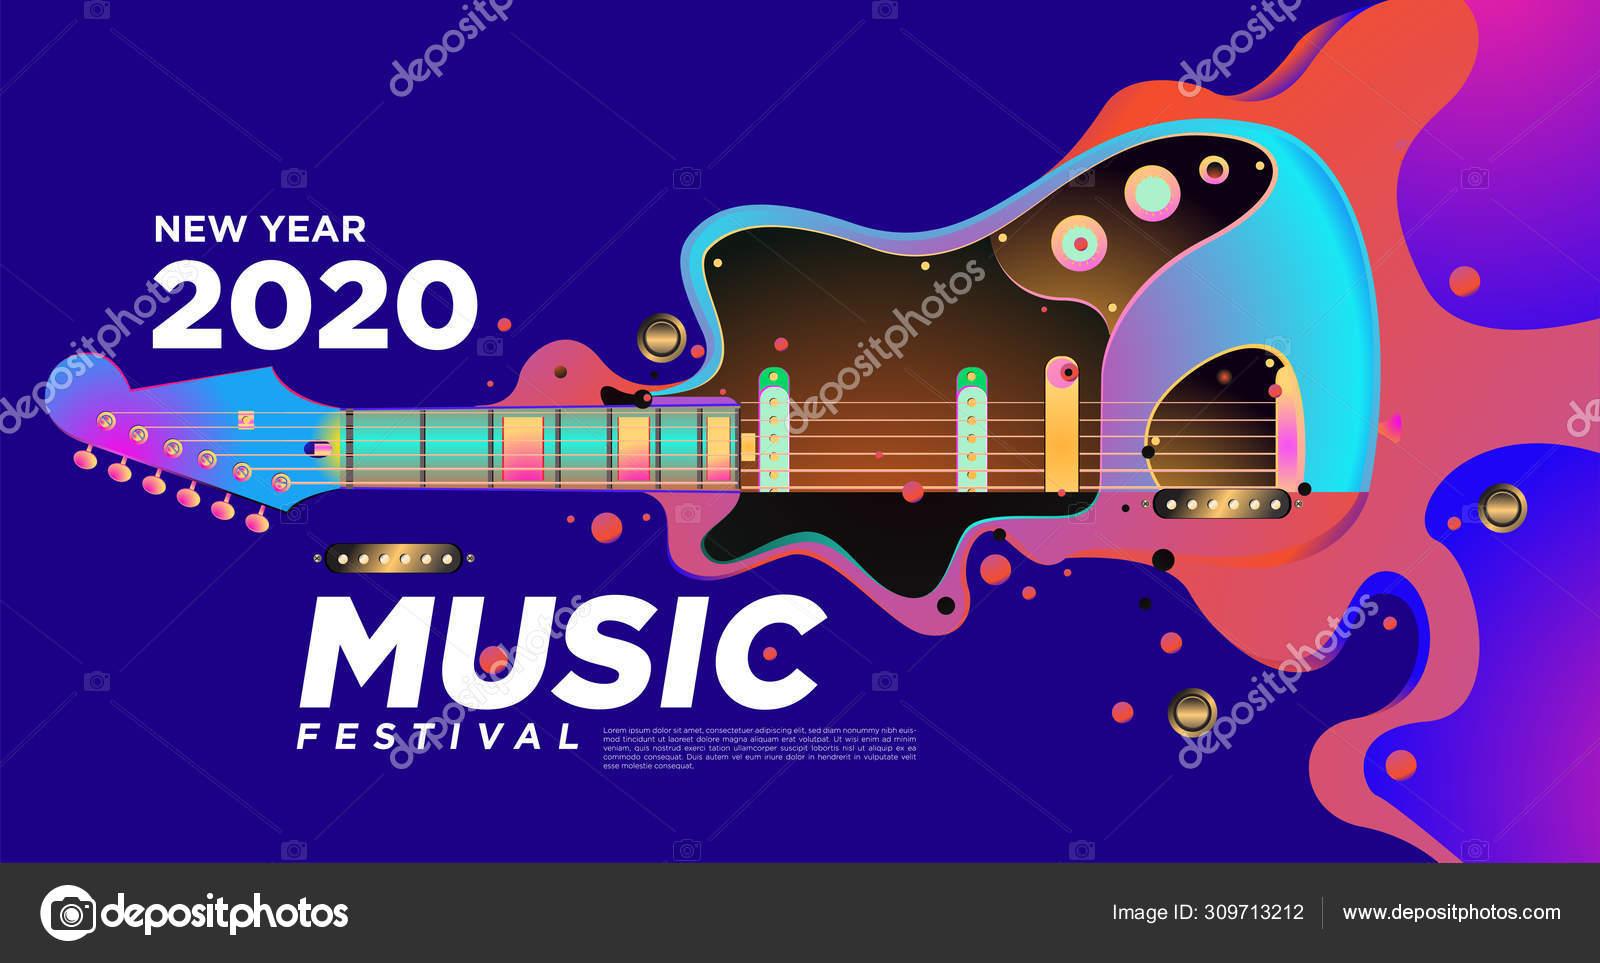 2020年新年会 イベントの音楽祭イラストデザイン音楽祭の背景と壁紙の